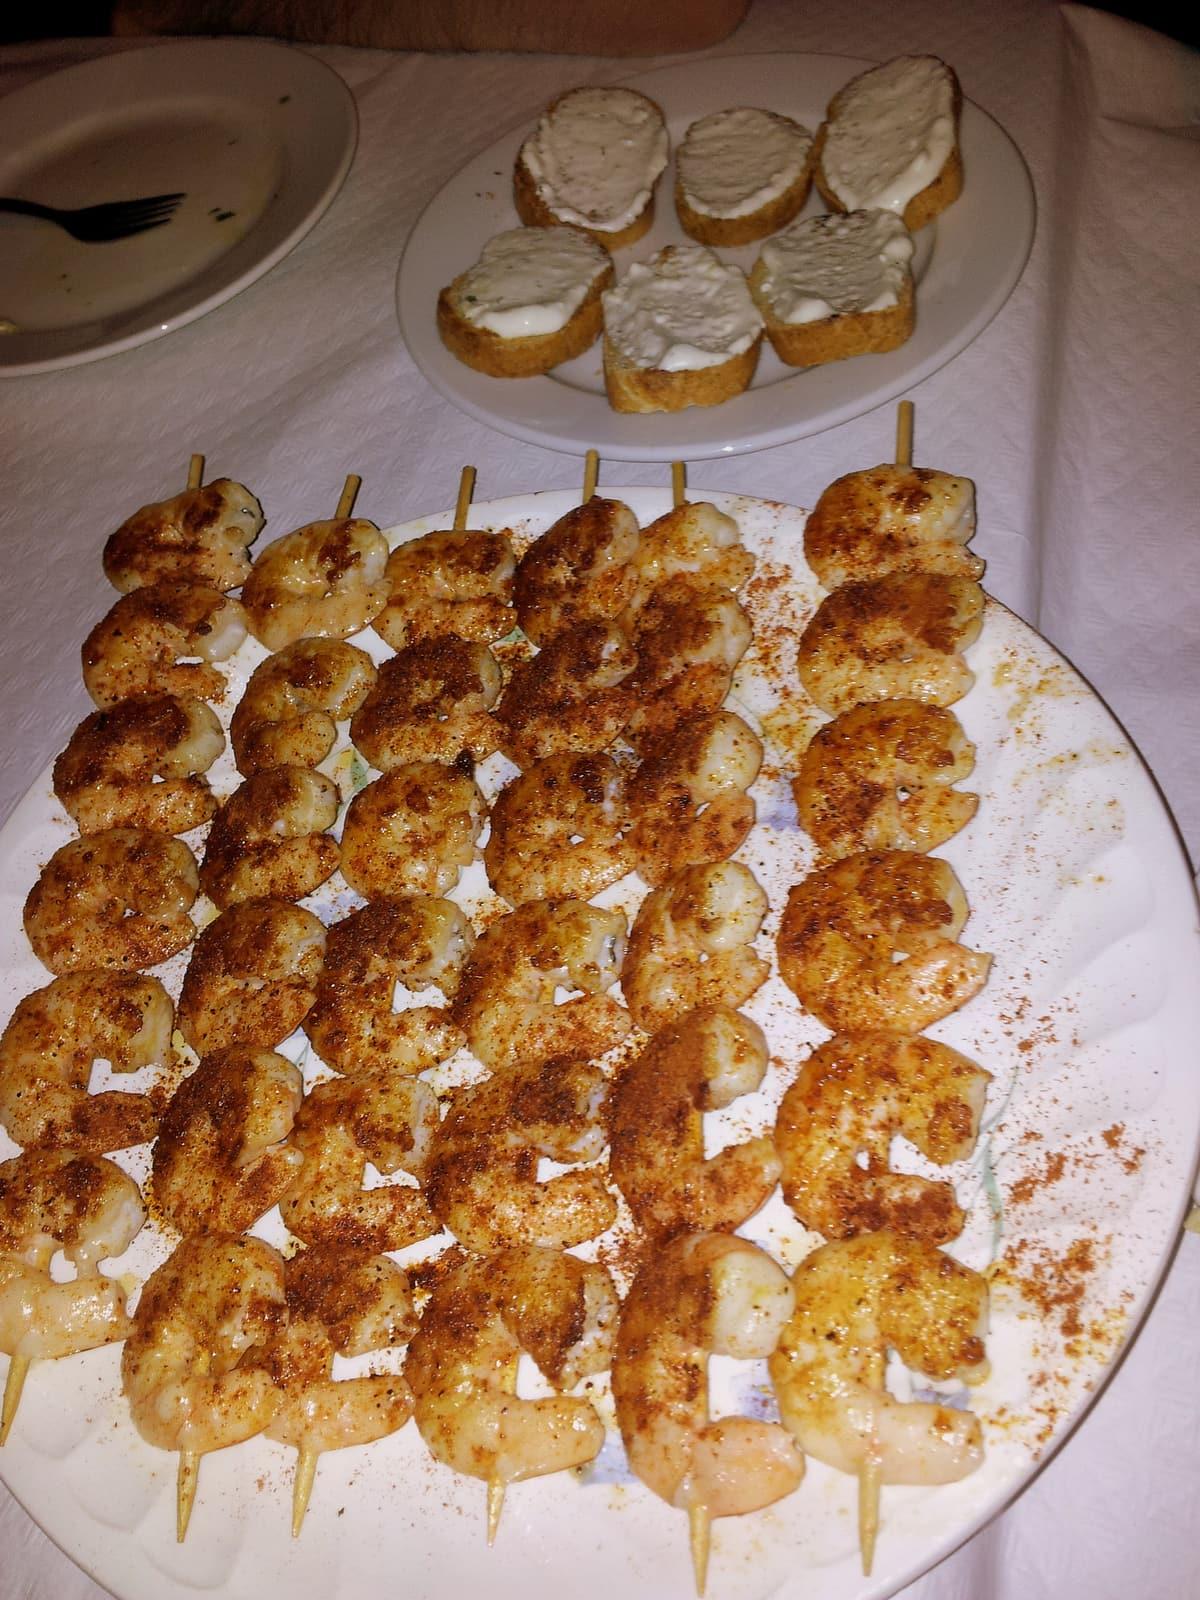 Shrimp skewers at the Bar Mercado del Carmen, El Perchel